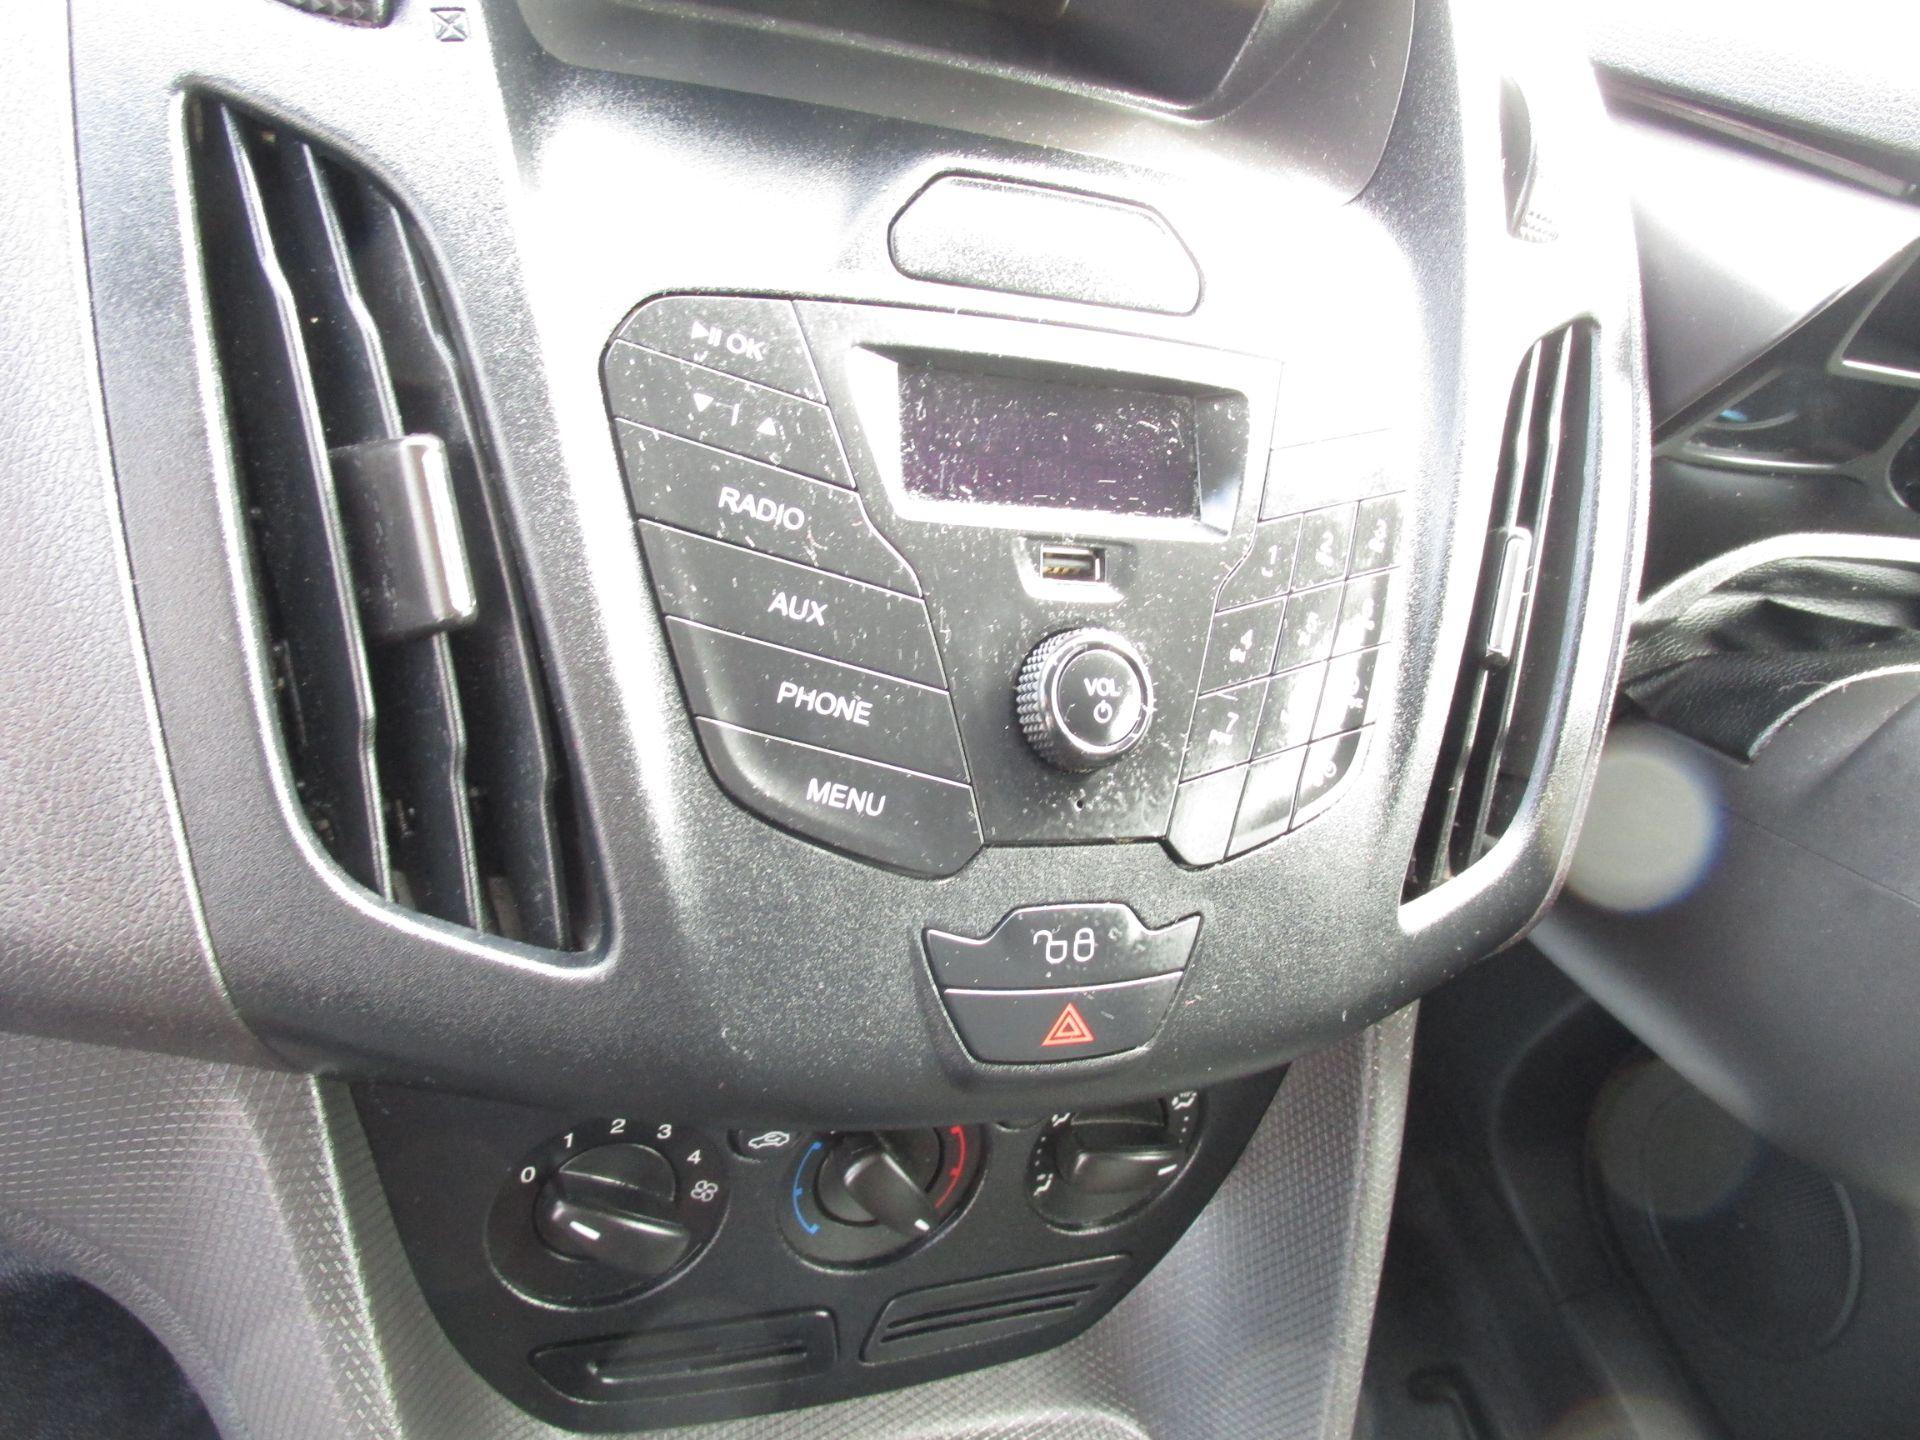 2017 Ford Transit Connect LWB Base 1.5TD 75PS 5SPD 3DR (171D26825) Image 14